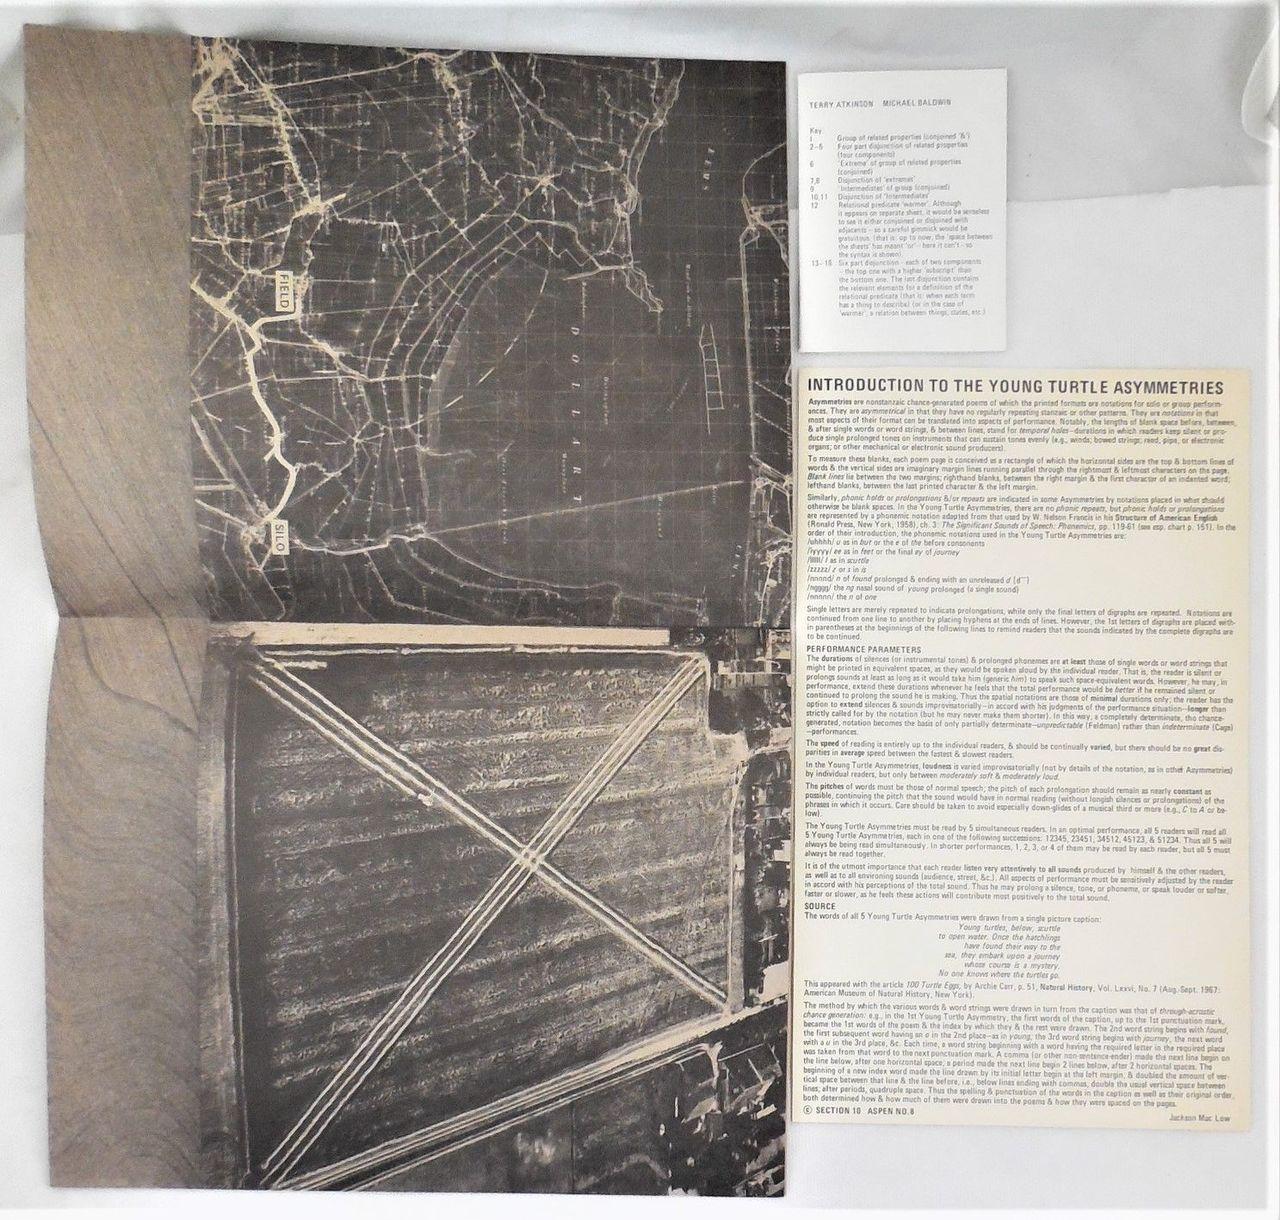 ASPEN Periodical, #8: The Fluxus Issue - 1970